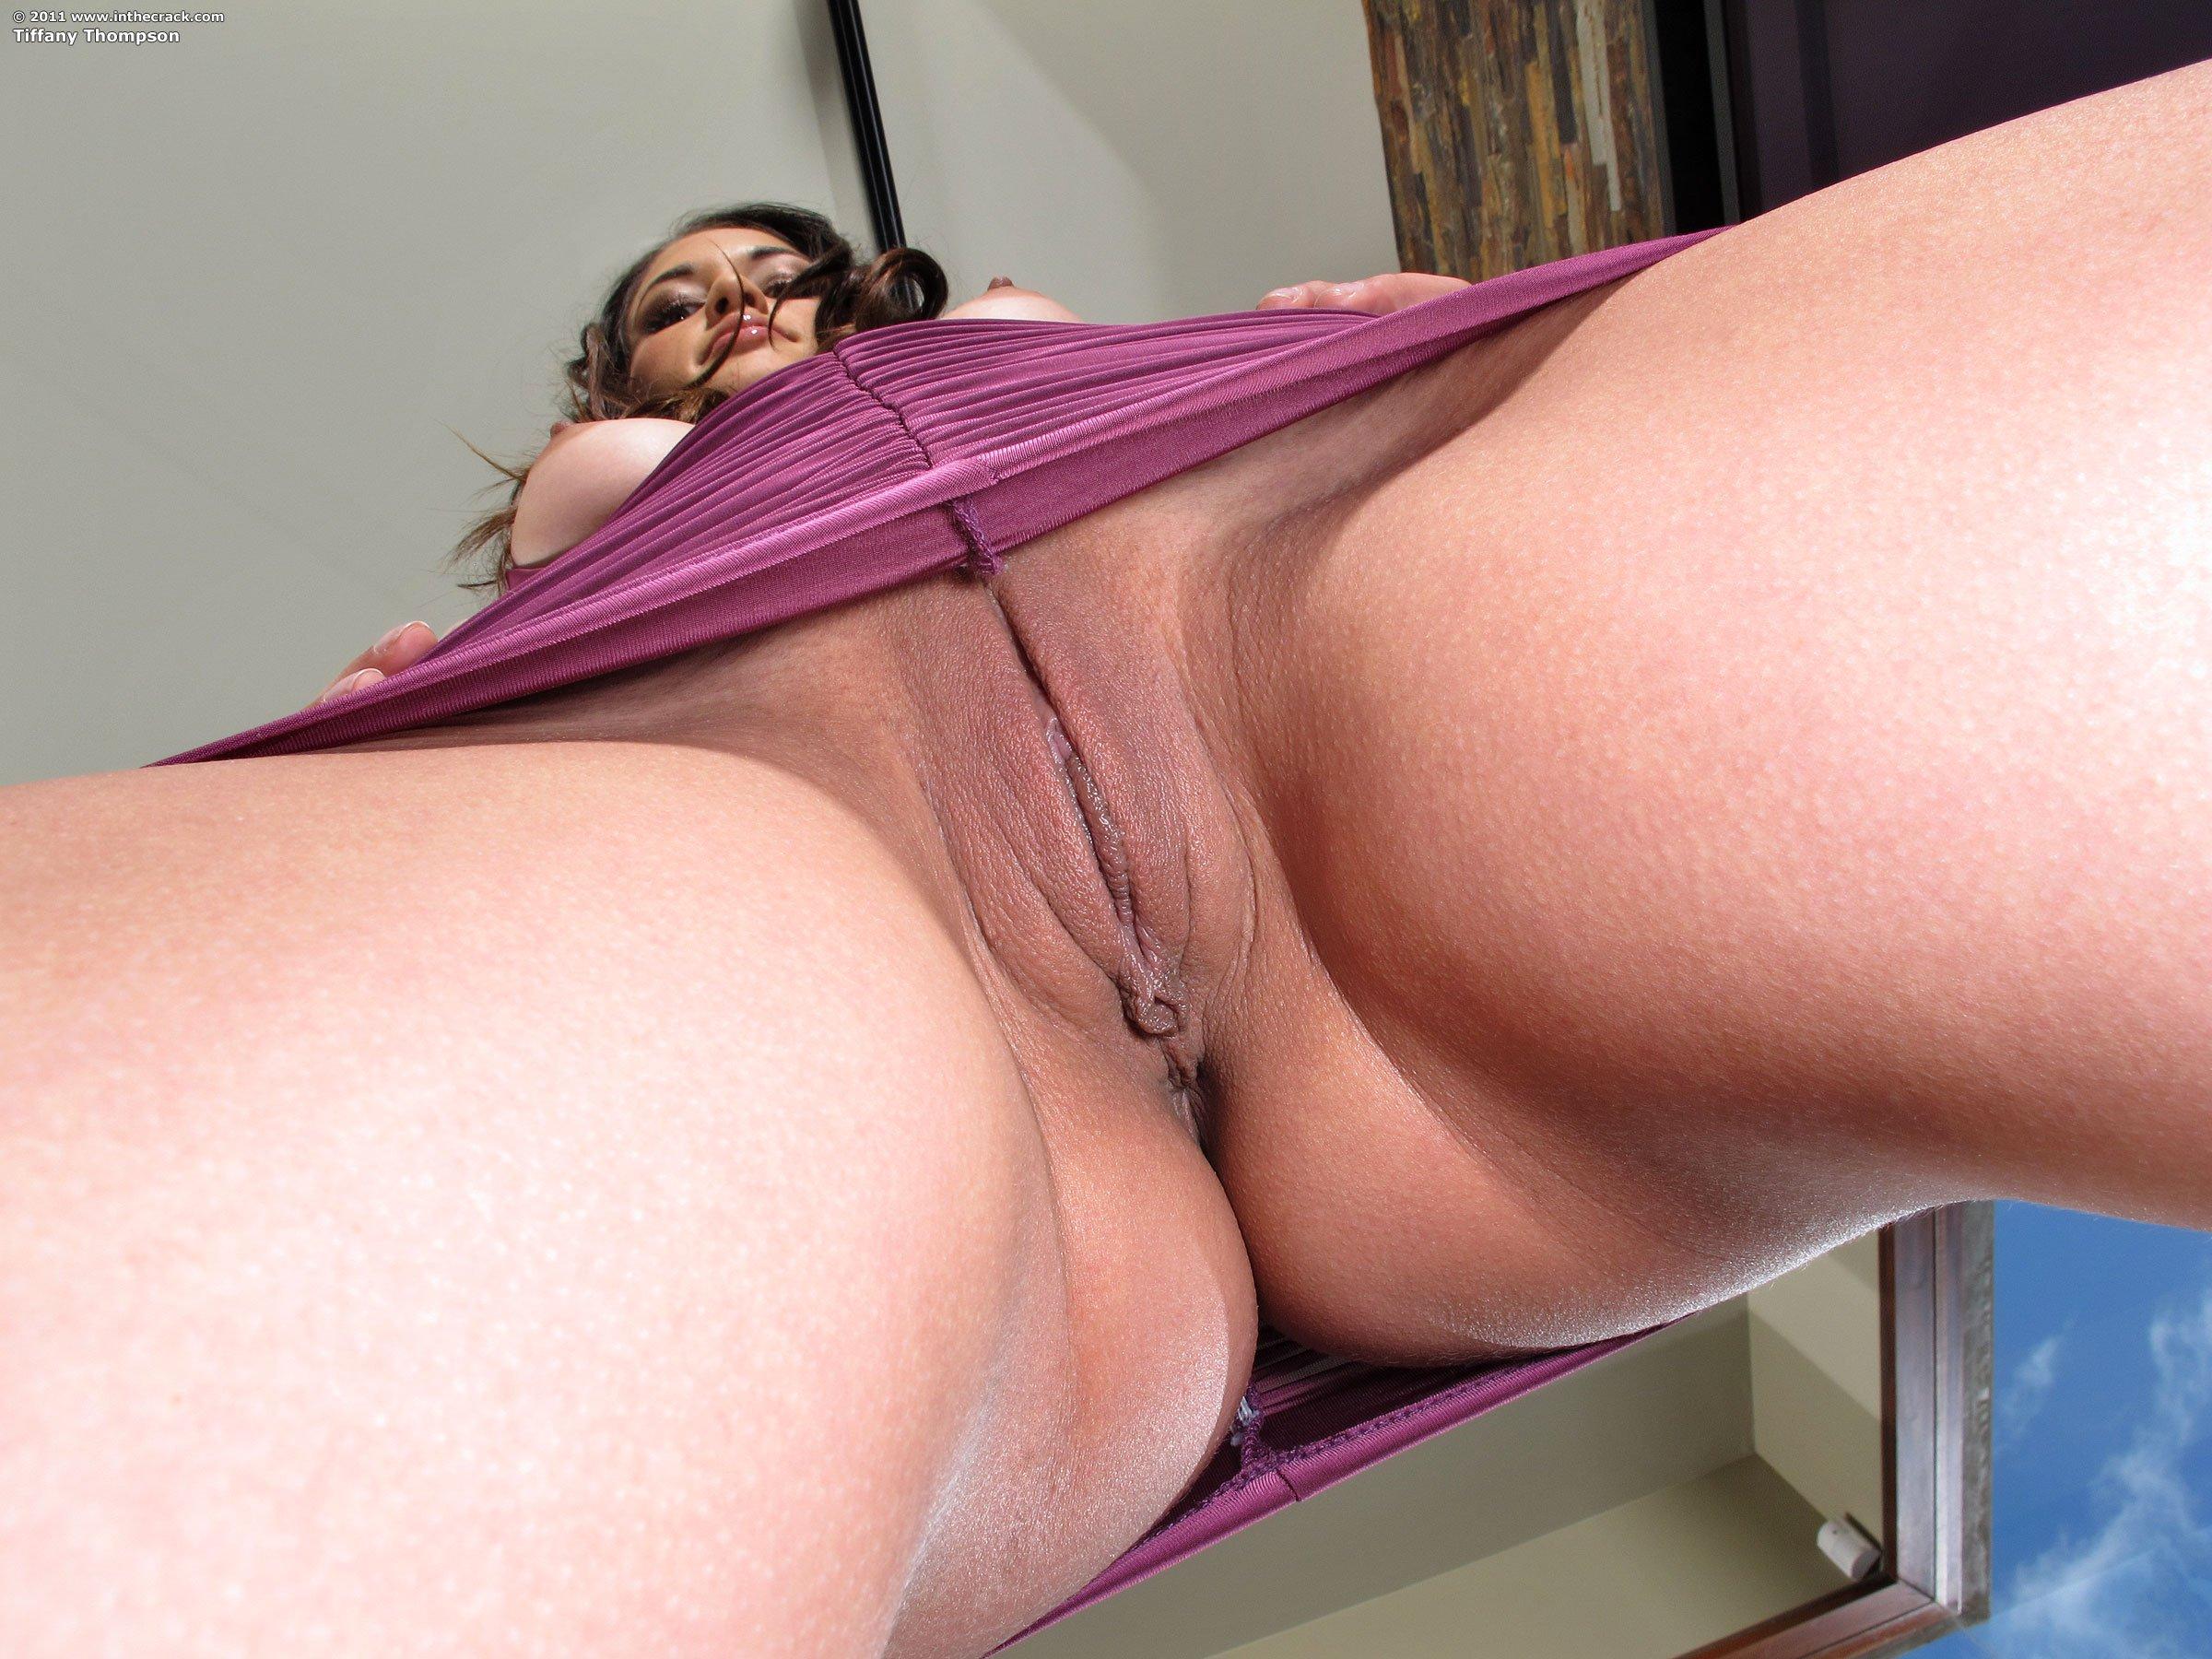 Сборник голых пилоток с видом снизу секс фото и порно фото